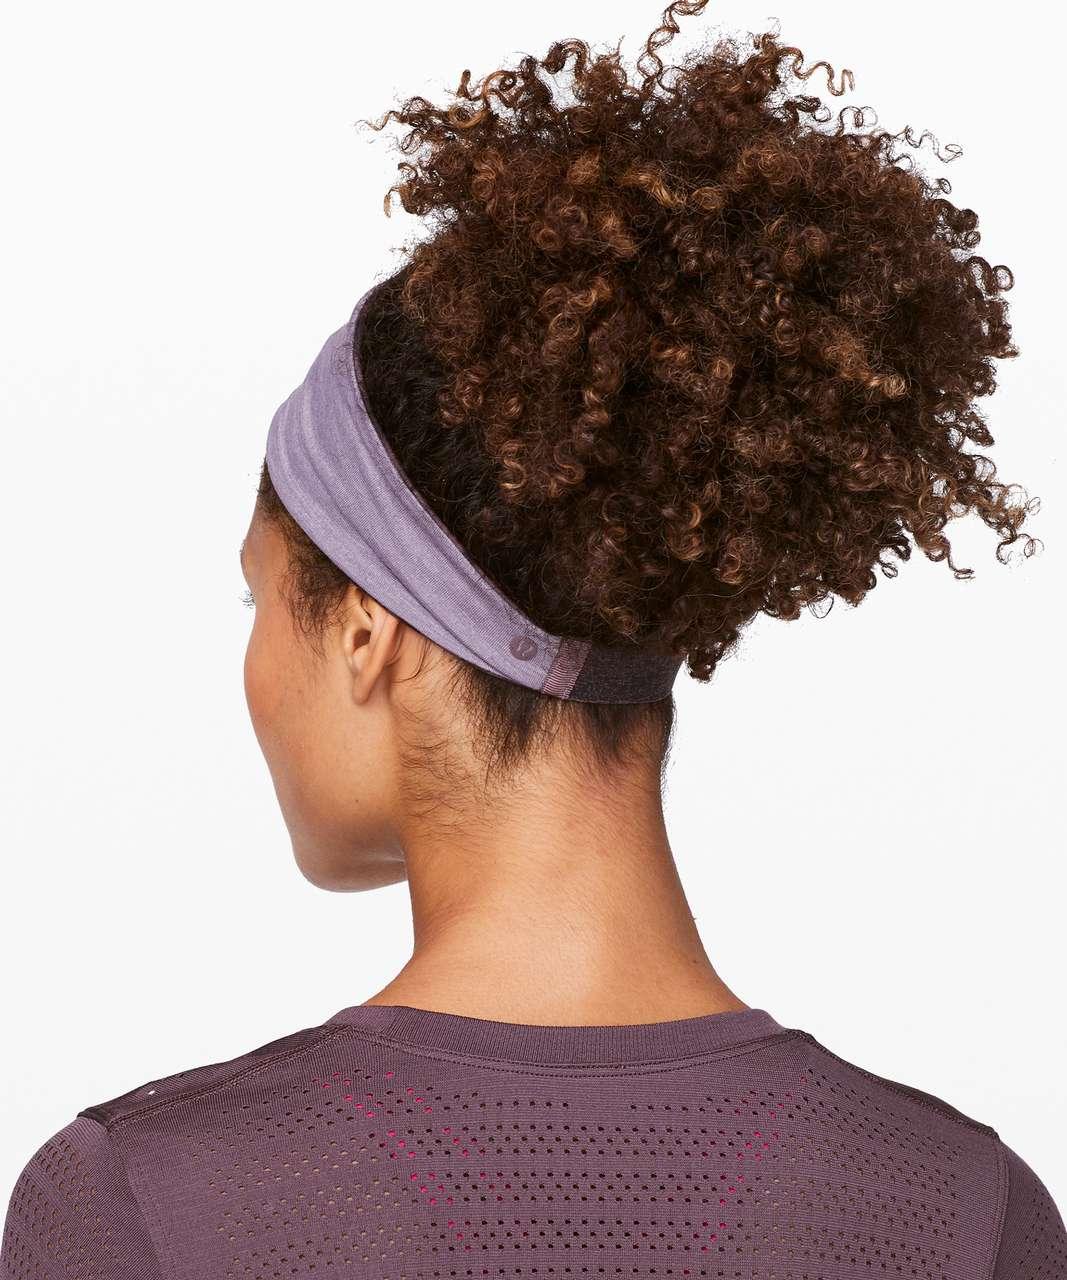 Lululemon Fringe Fighter Headband - Mini Dusk Floral Antique Bark Black / Heathered Smoky Blush